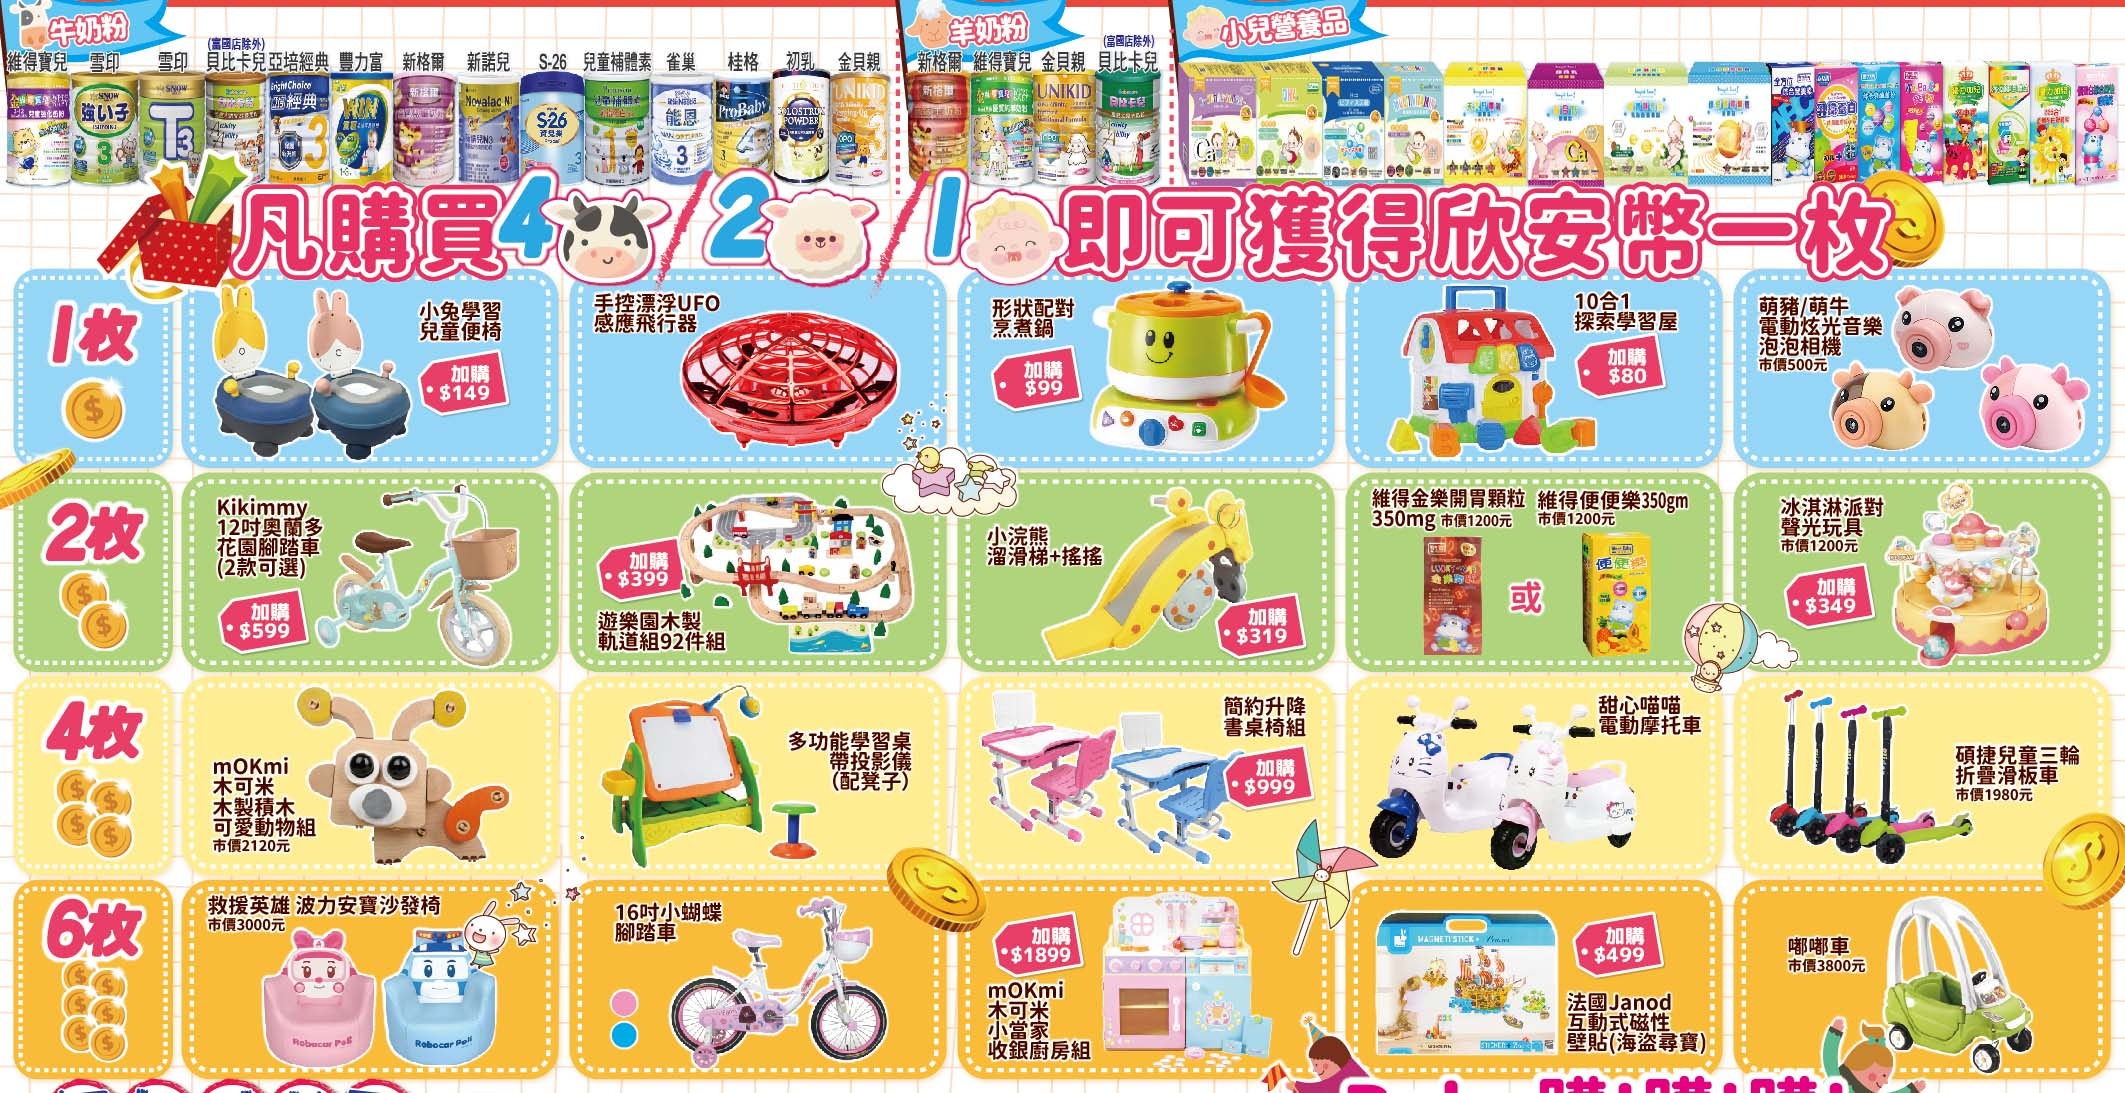 proimages/DM/0428-二代奶粉營養品.jpg